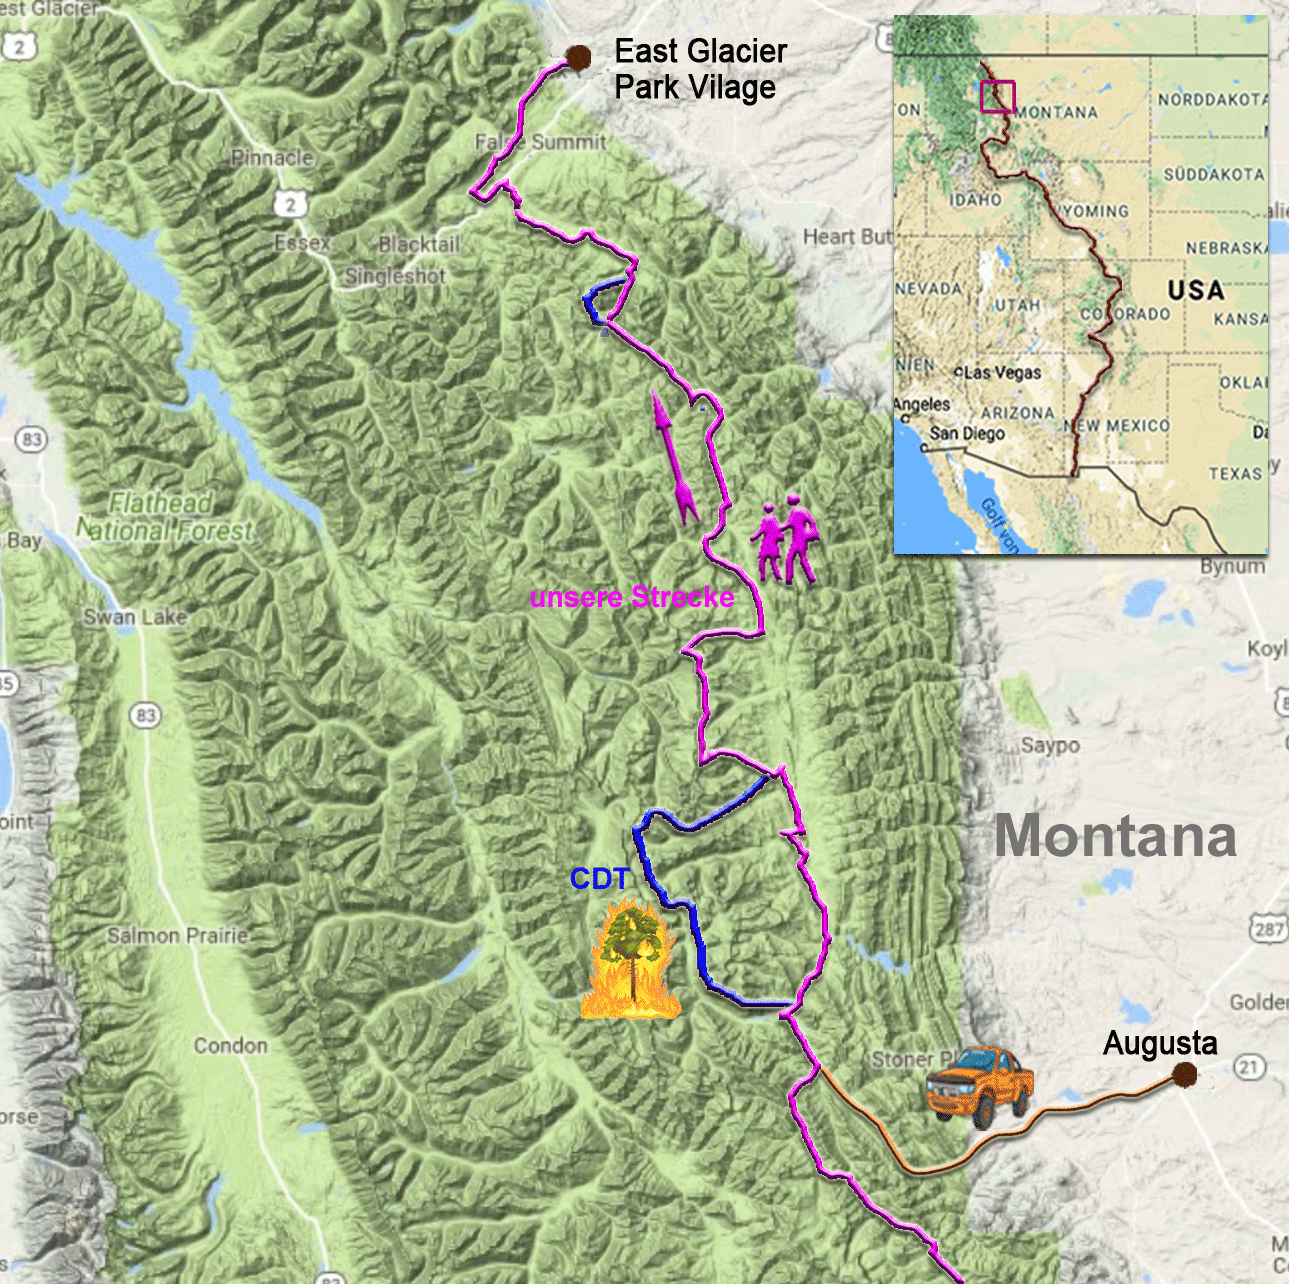 186 Kilometer auf dem CDT zwischen Augusta und Glacier